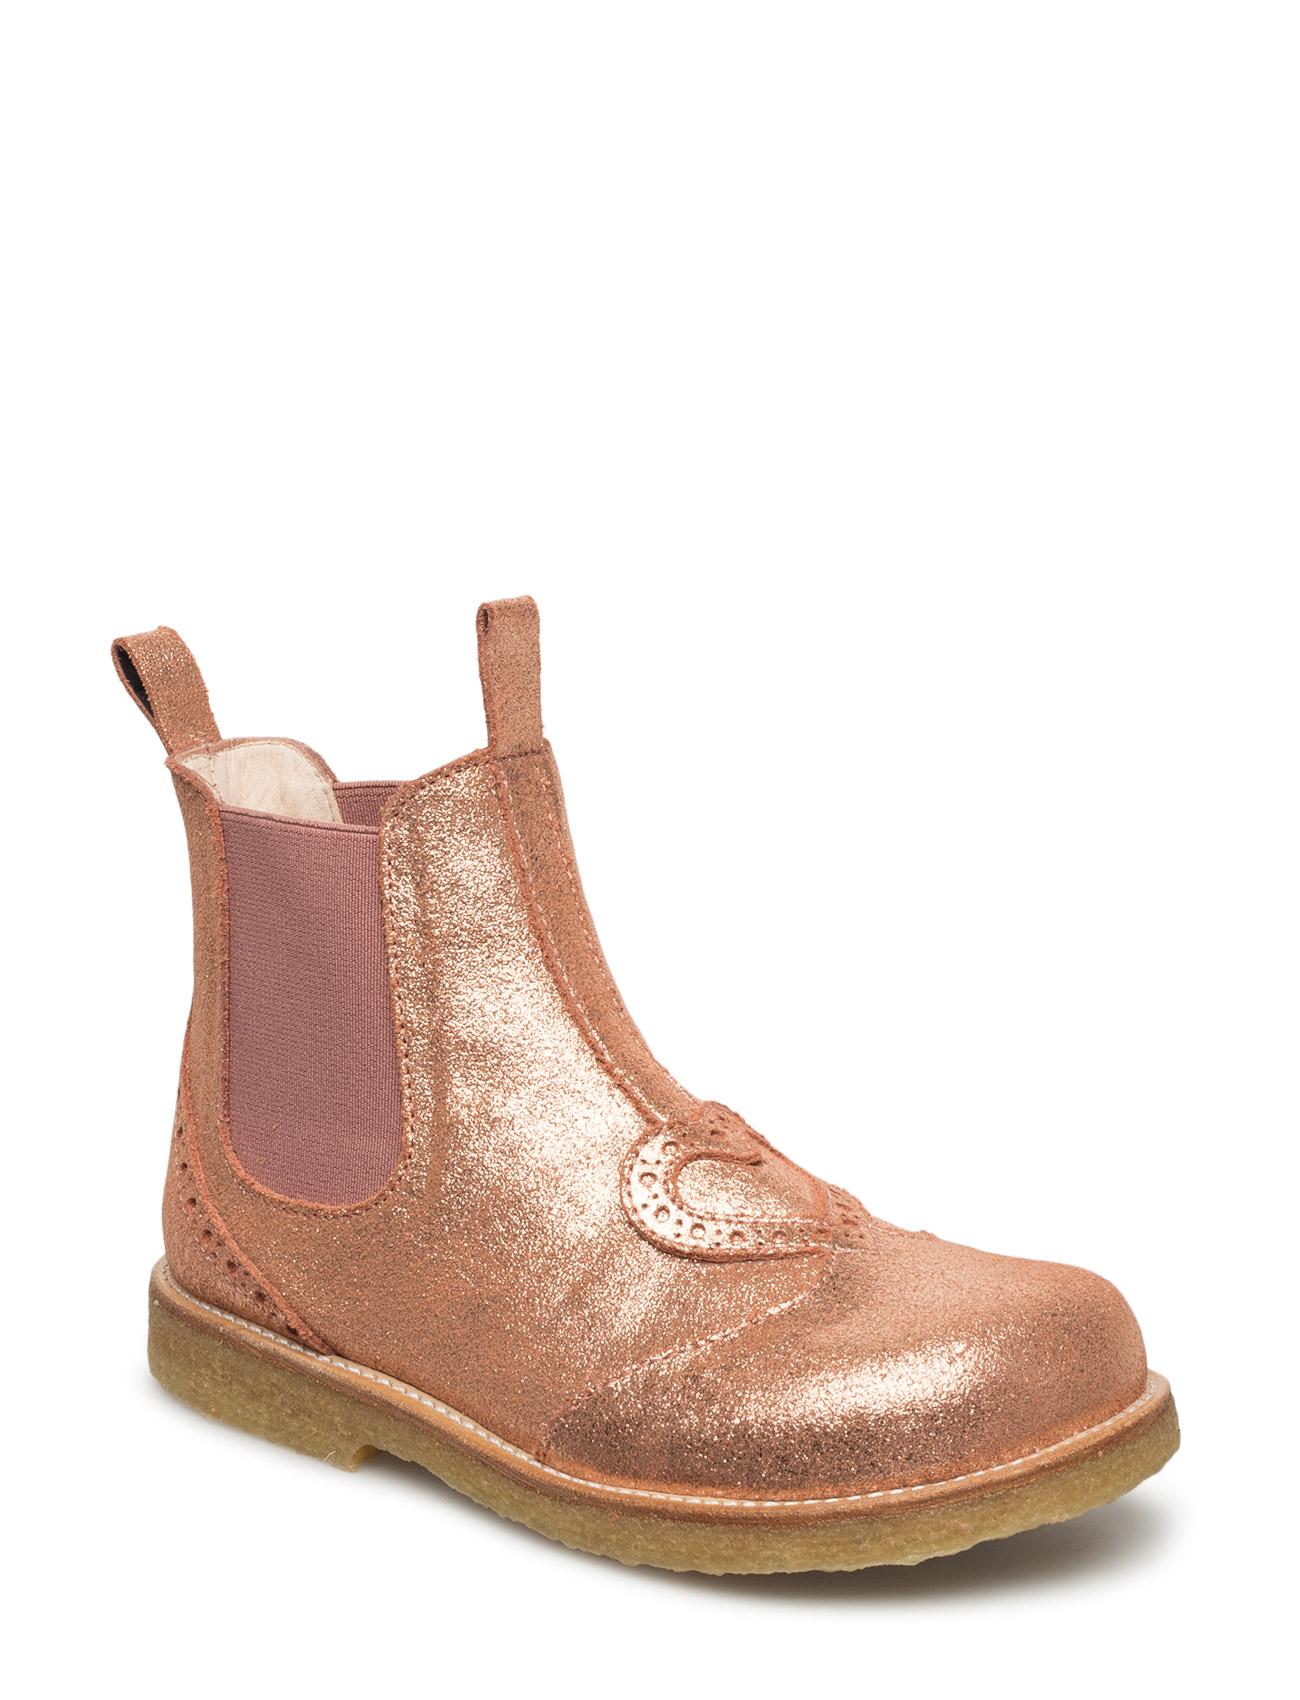 Shoes - Flat - With Elastic ANGULUS Støvler til Børn i